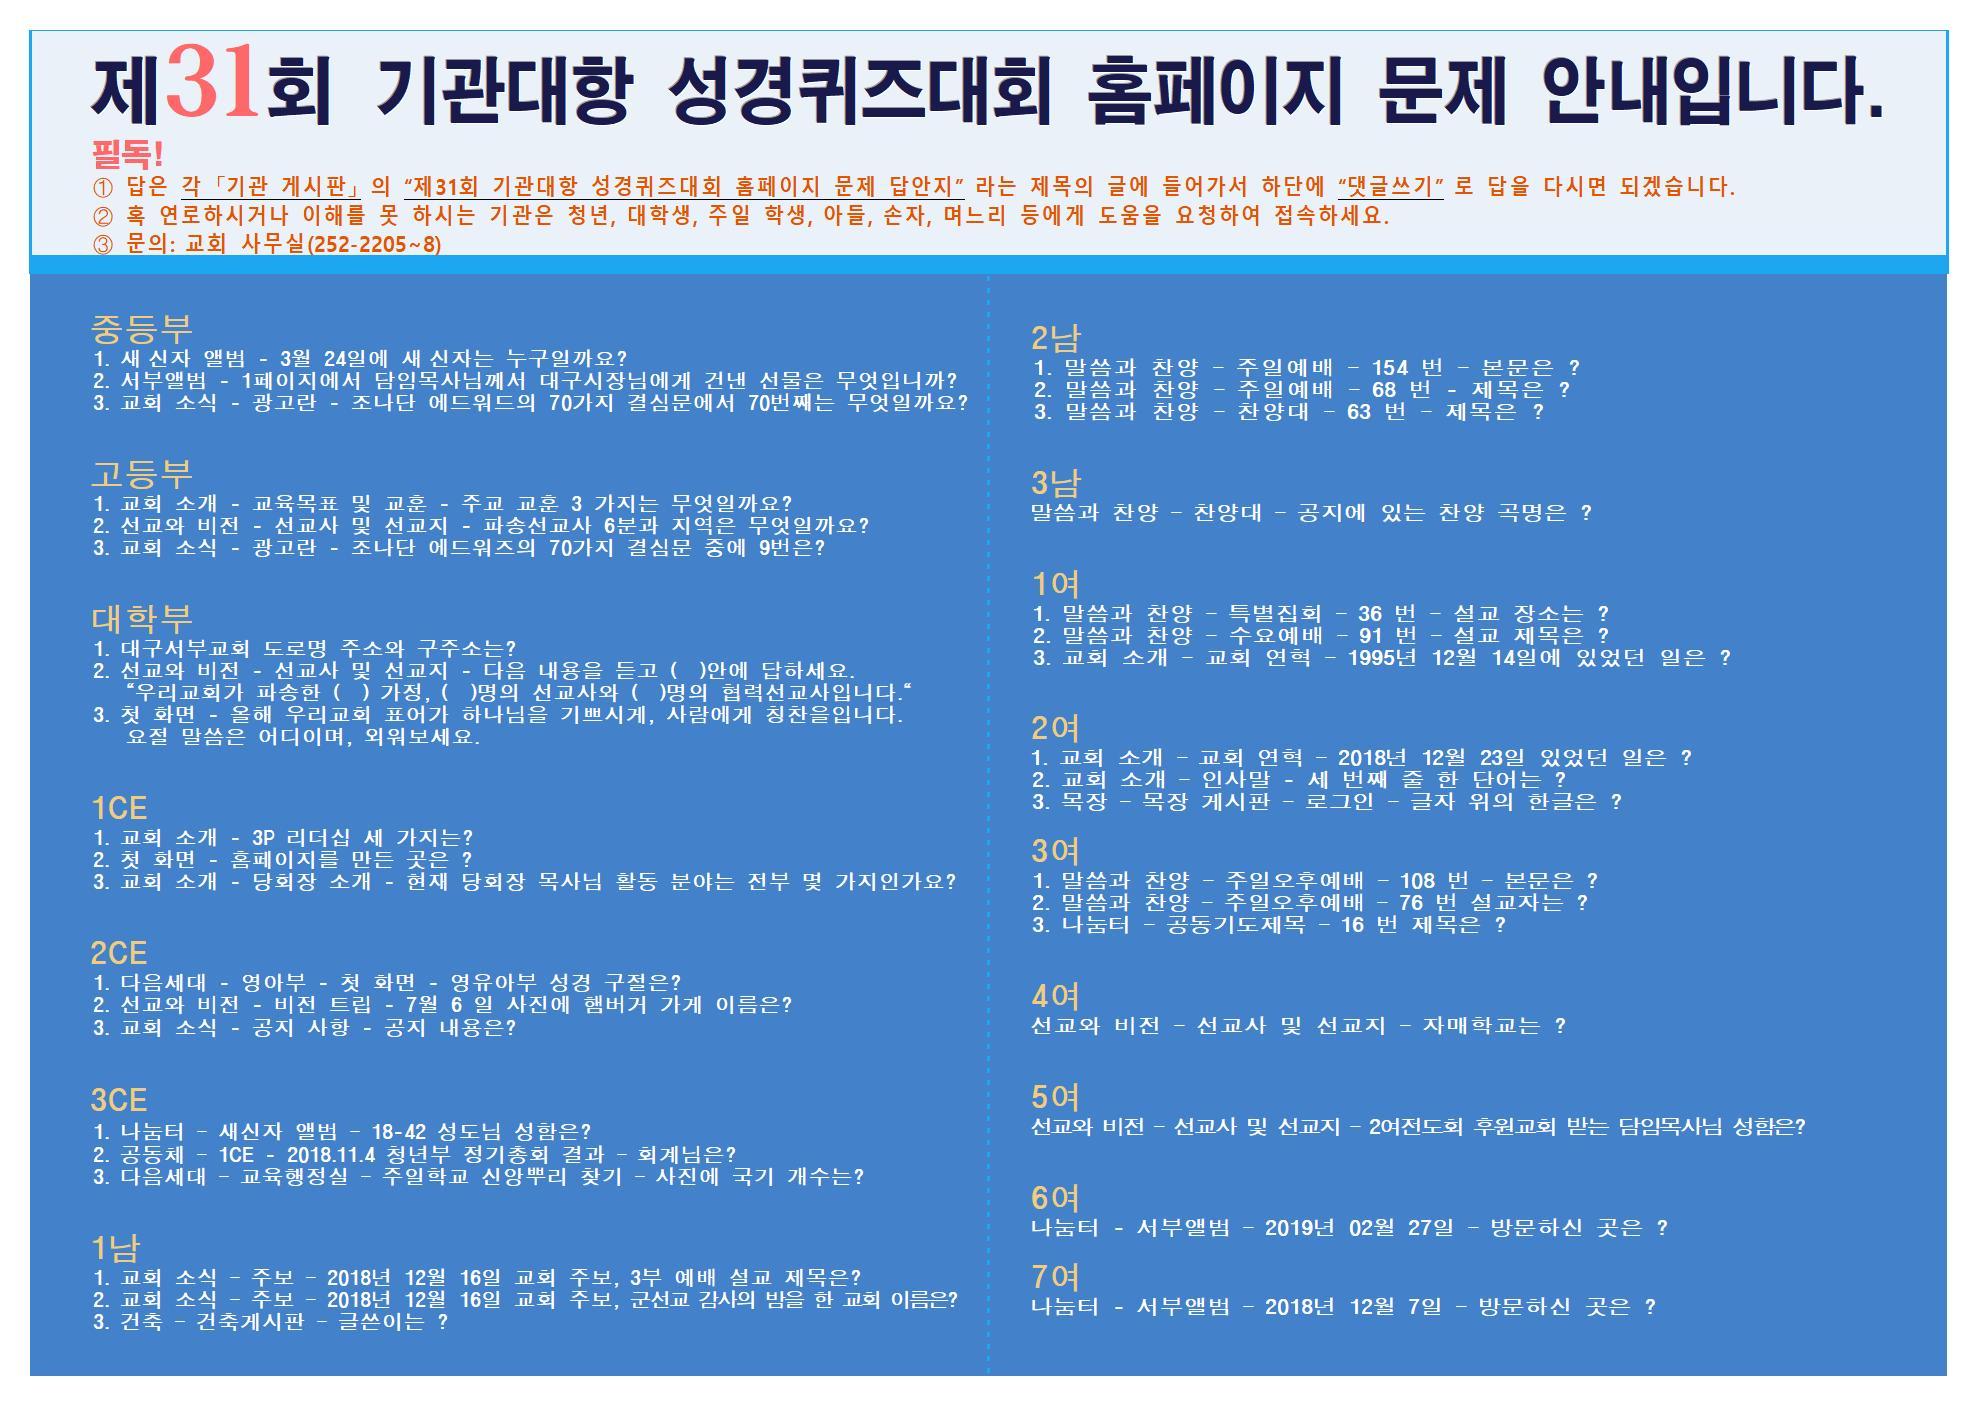 제31회 기관대항 성경퀴즈대회 홈페이지 문제 안내입니다0002 jpg001.jpg